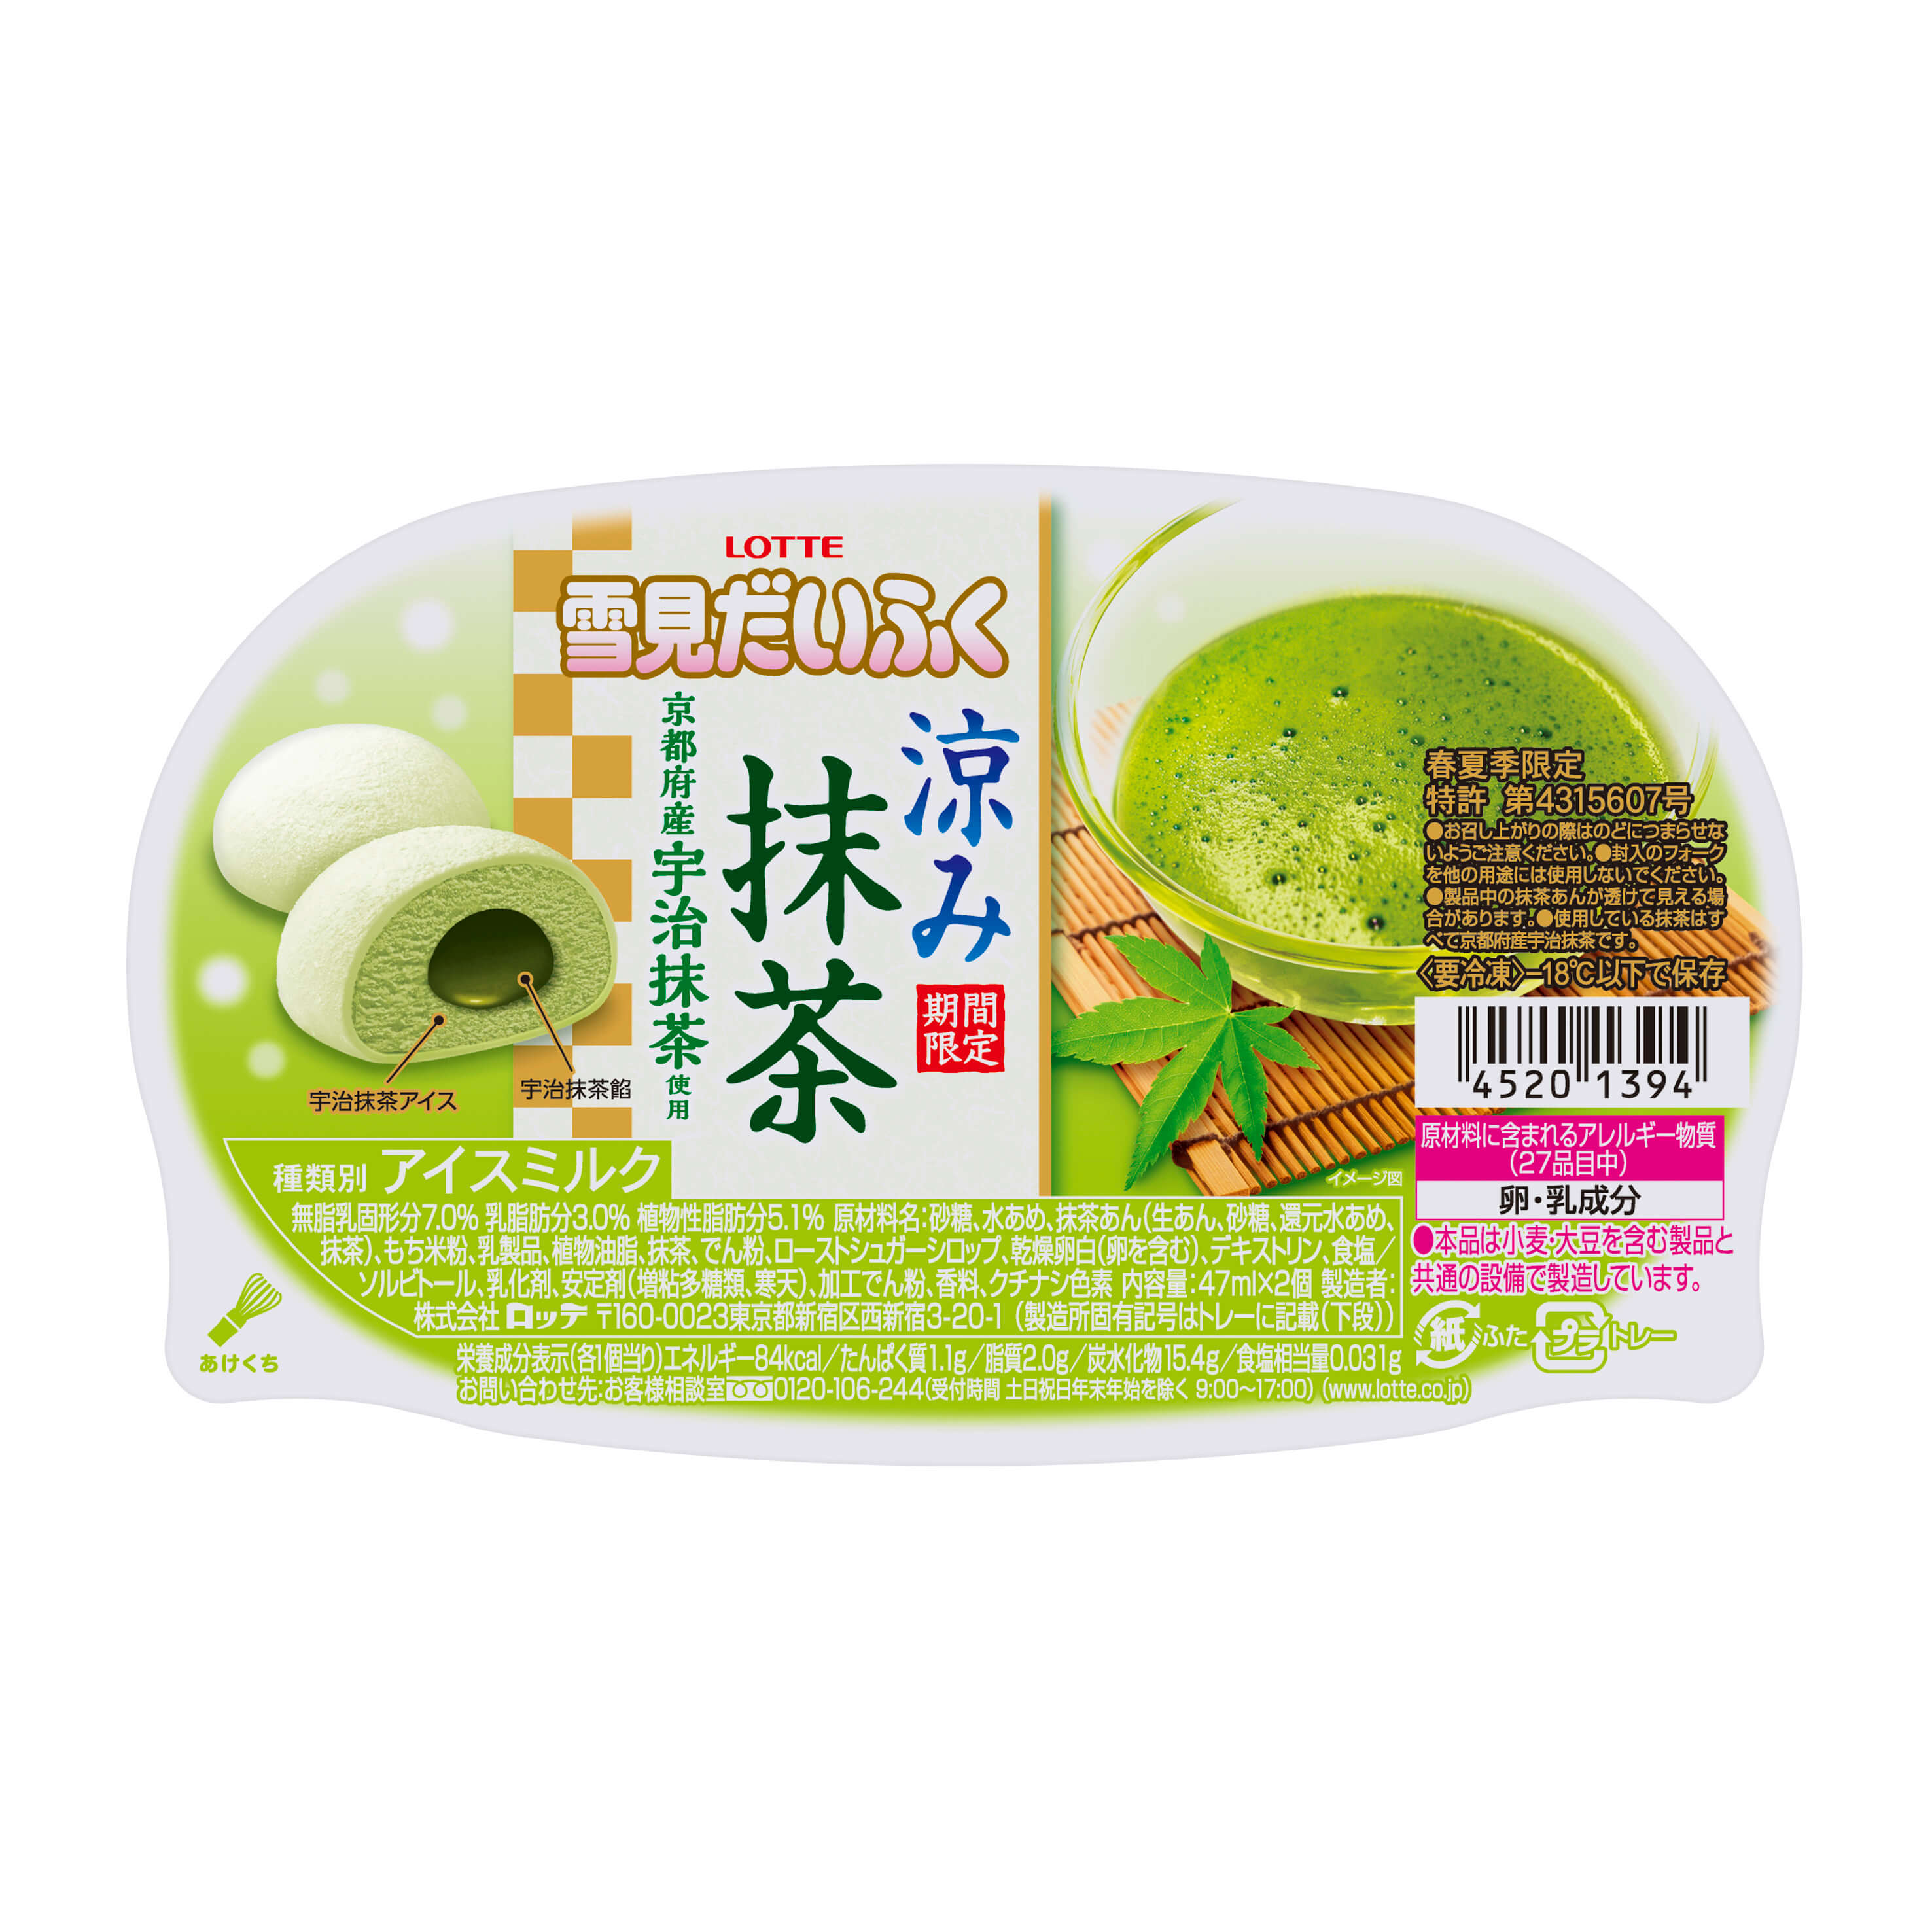 雪見だいふく MATCHA 抹茶 Mochi icecream